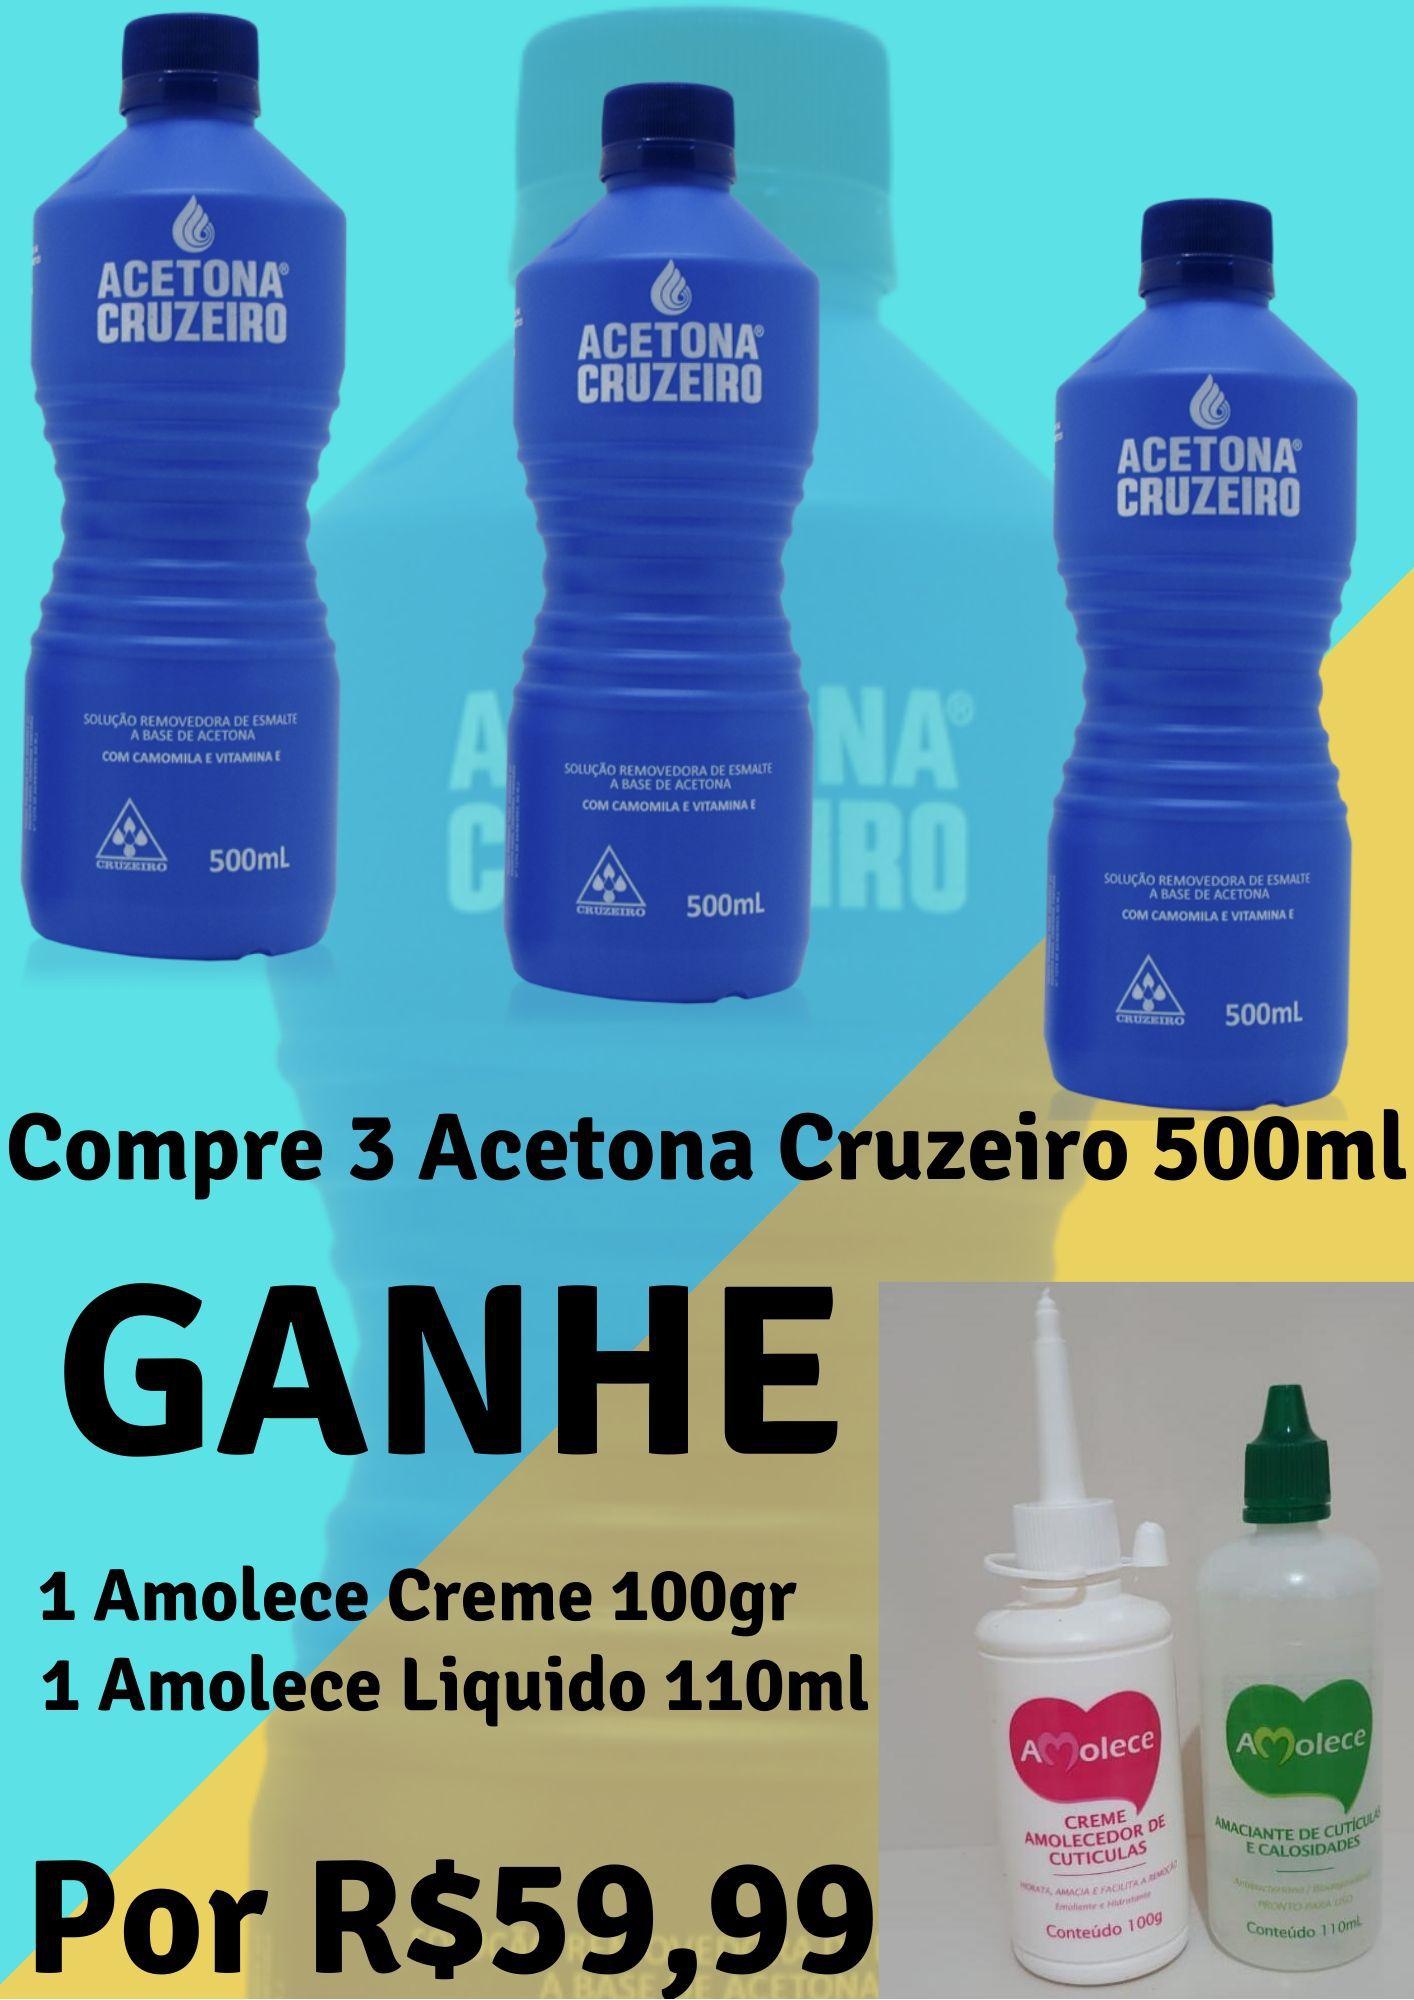 PROMOÇÃO ACETONA CRUZEIRO + AMOLECE